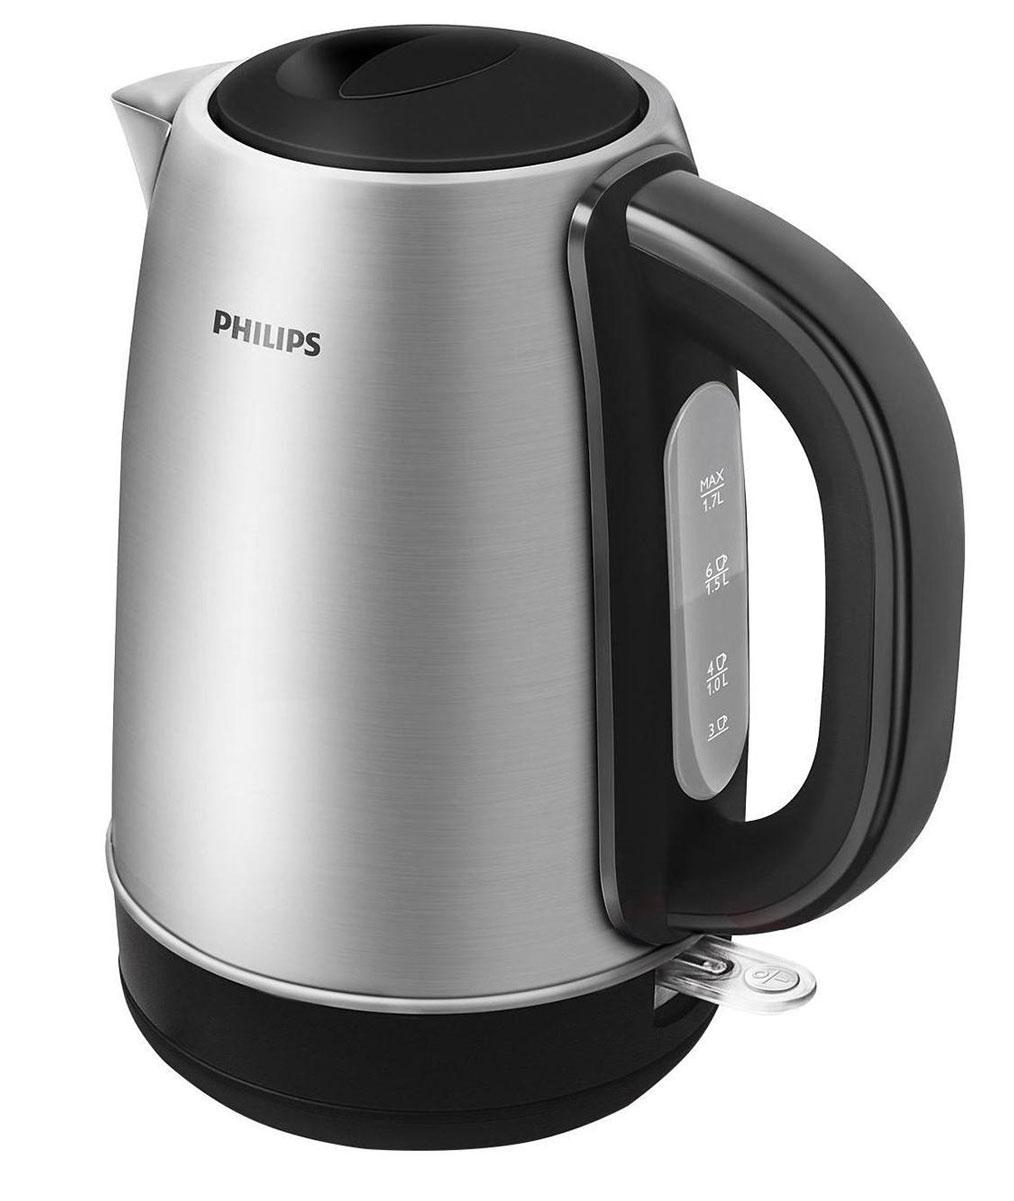 Philips HD9320/21 электрочайникHD9320/21Для прочного металлического электрического чайника Philips HD9320 предусмотрен плоский и удобный в очистке нагревательный элемент, который позволяет вскипятить воду за считаные секунды. Прочный чайник с полированным корпусом из нержавеющей сталиПрочный металлический чайник с корпусом из полированной нержавеющей стали отличается долгим сроком службы. Когда чайник включен, загорается подсветкаЭлегантная подсветка кнопки включения/выключения уведомляет о процессе нагрева воды. Фильтр от накипи обеспечивает чистоту воды и чайника Катушка для удобного хранения шнураШнур оборачивается вокруг основания, что позволяет легко разместить чайник на кухне. Беспроводная подставка с поворотом на 360° для удобства использования. Понятный индикатор уровня водыУдобное наполнение через носик/крышкуНаполнить чайник можно через носик или открыв крышку. Крышка открывается вручную, обеспечивая удобство наполнения и очистки. Плоский нагревательный элемент для быстрого кипячения воды и легкой чисткиВстроенный нагревательный элемент из нержавеющей стали обеспечивает быстрое кипячение и простую чистку. Комплексная система безопасностиКомплексная система безопасности для предотвращения короткого замыкания и выкипания воды. Функция автовыключения активируется, когда процесс завершается или прибор снимается с основания.